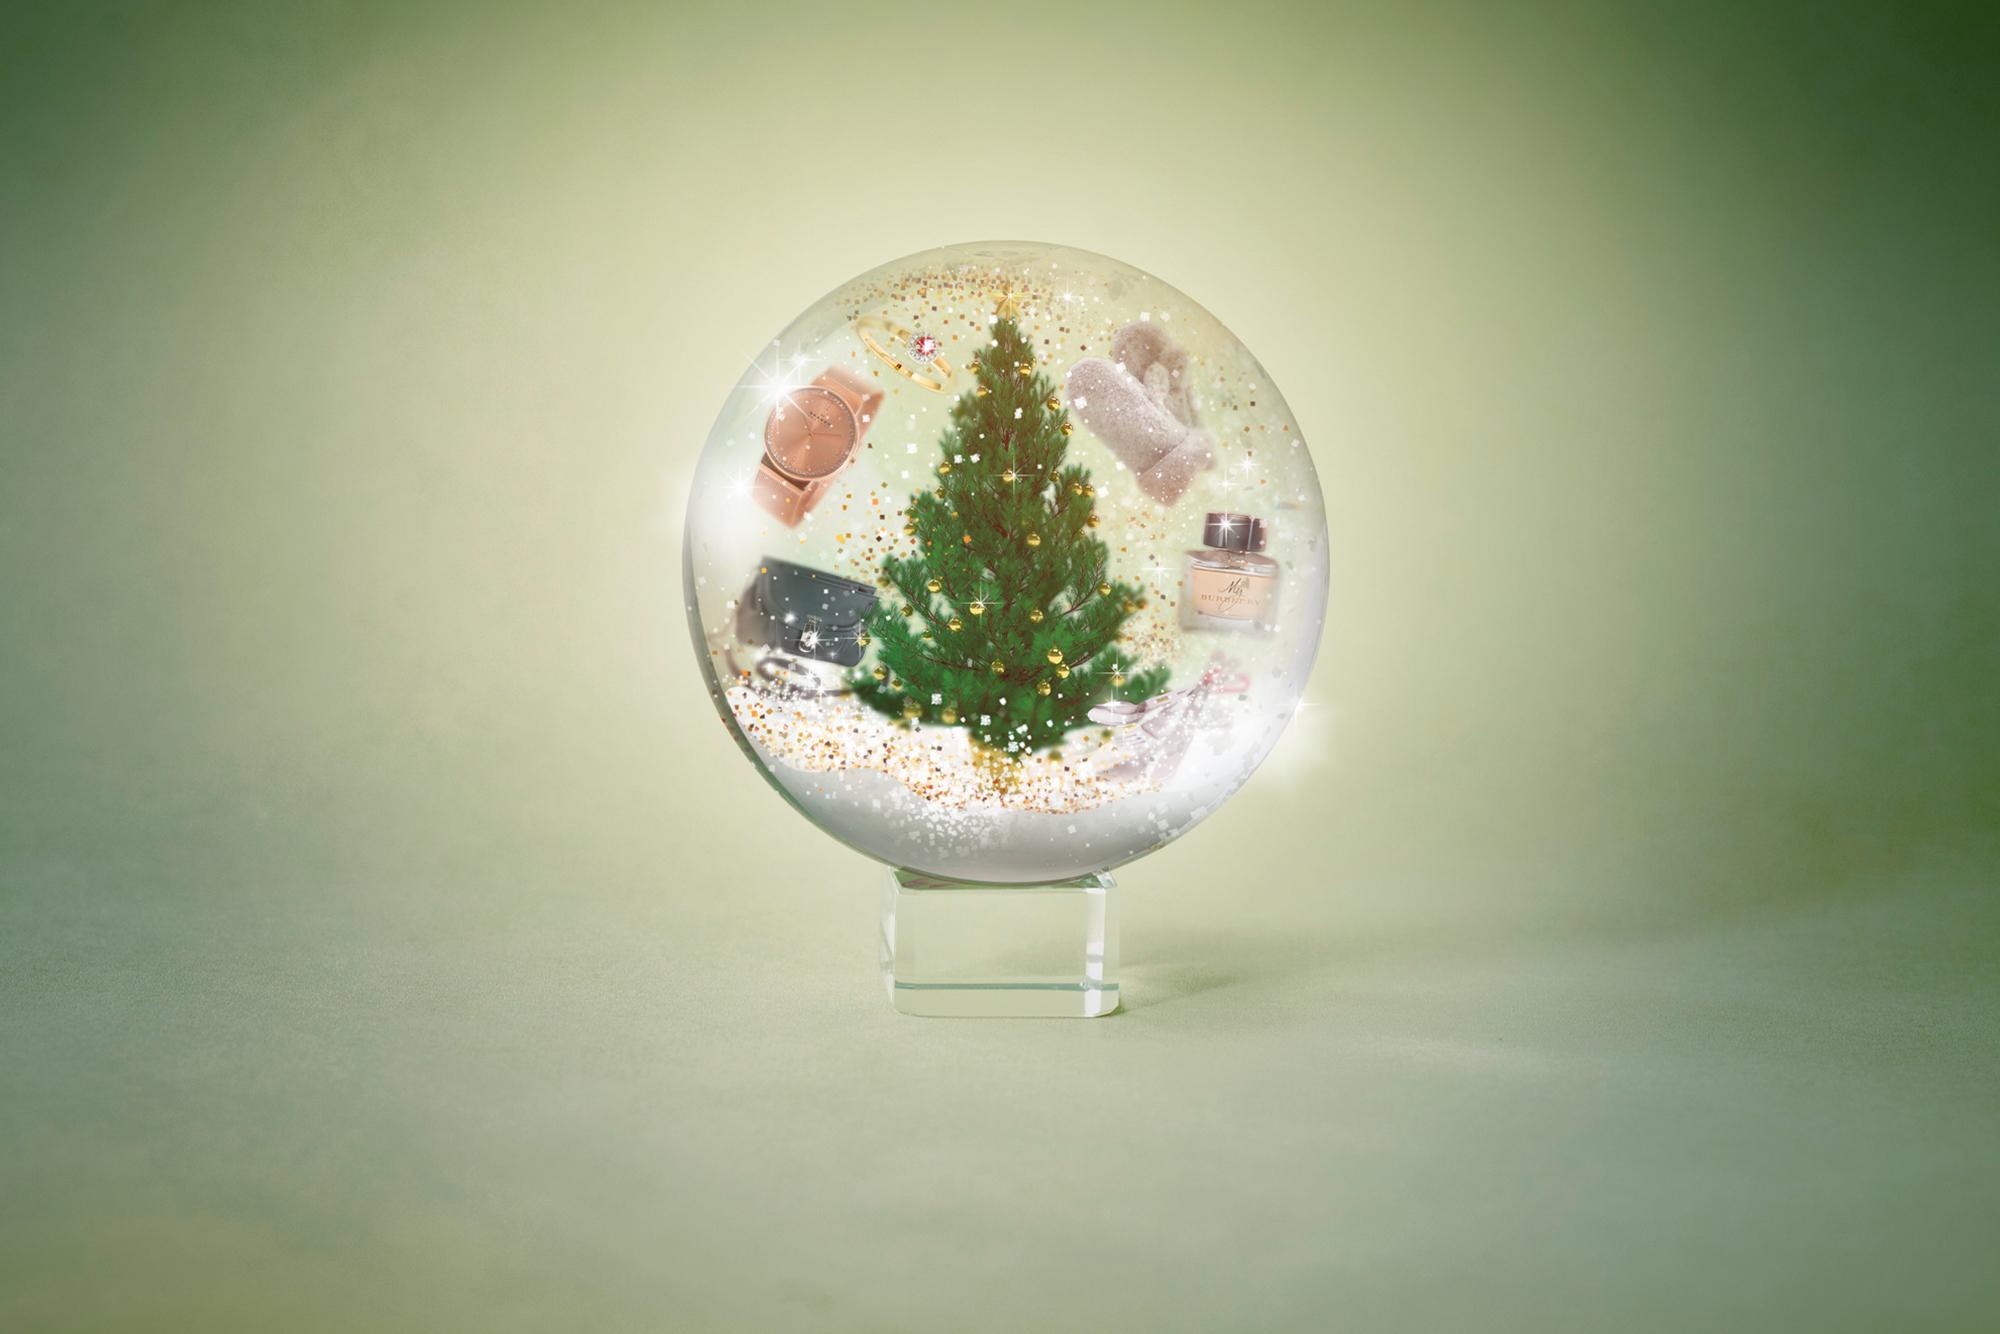 161025-Hvaltorvet-cover-juletre-justert-grønnfarge.jpg